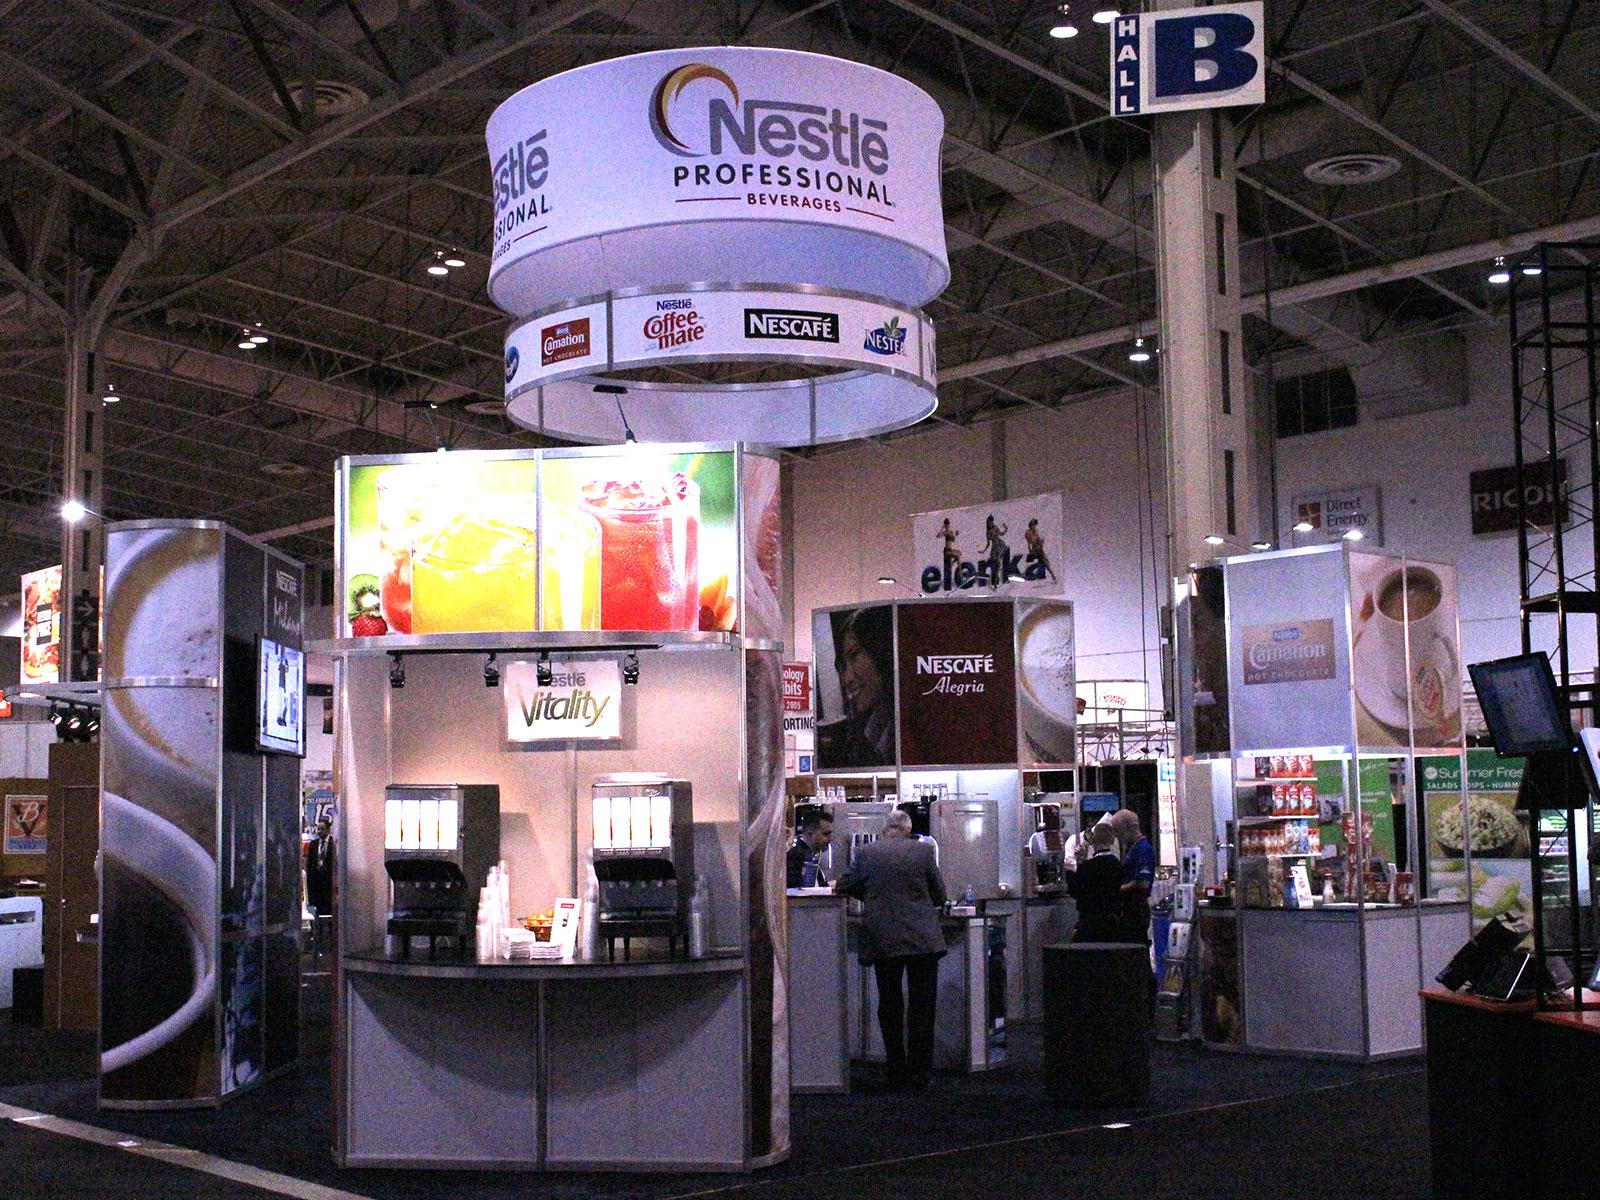 Nestlé Professional Beverages Photograph